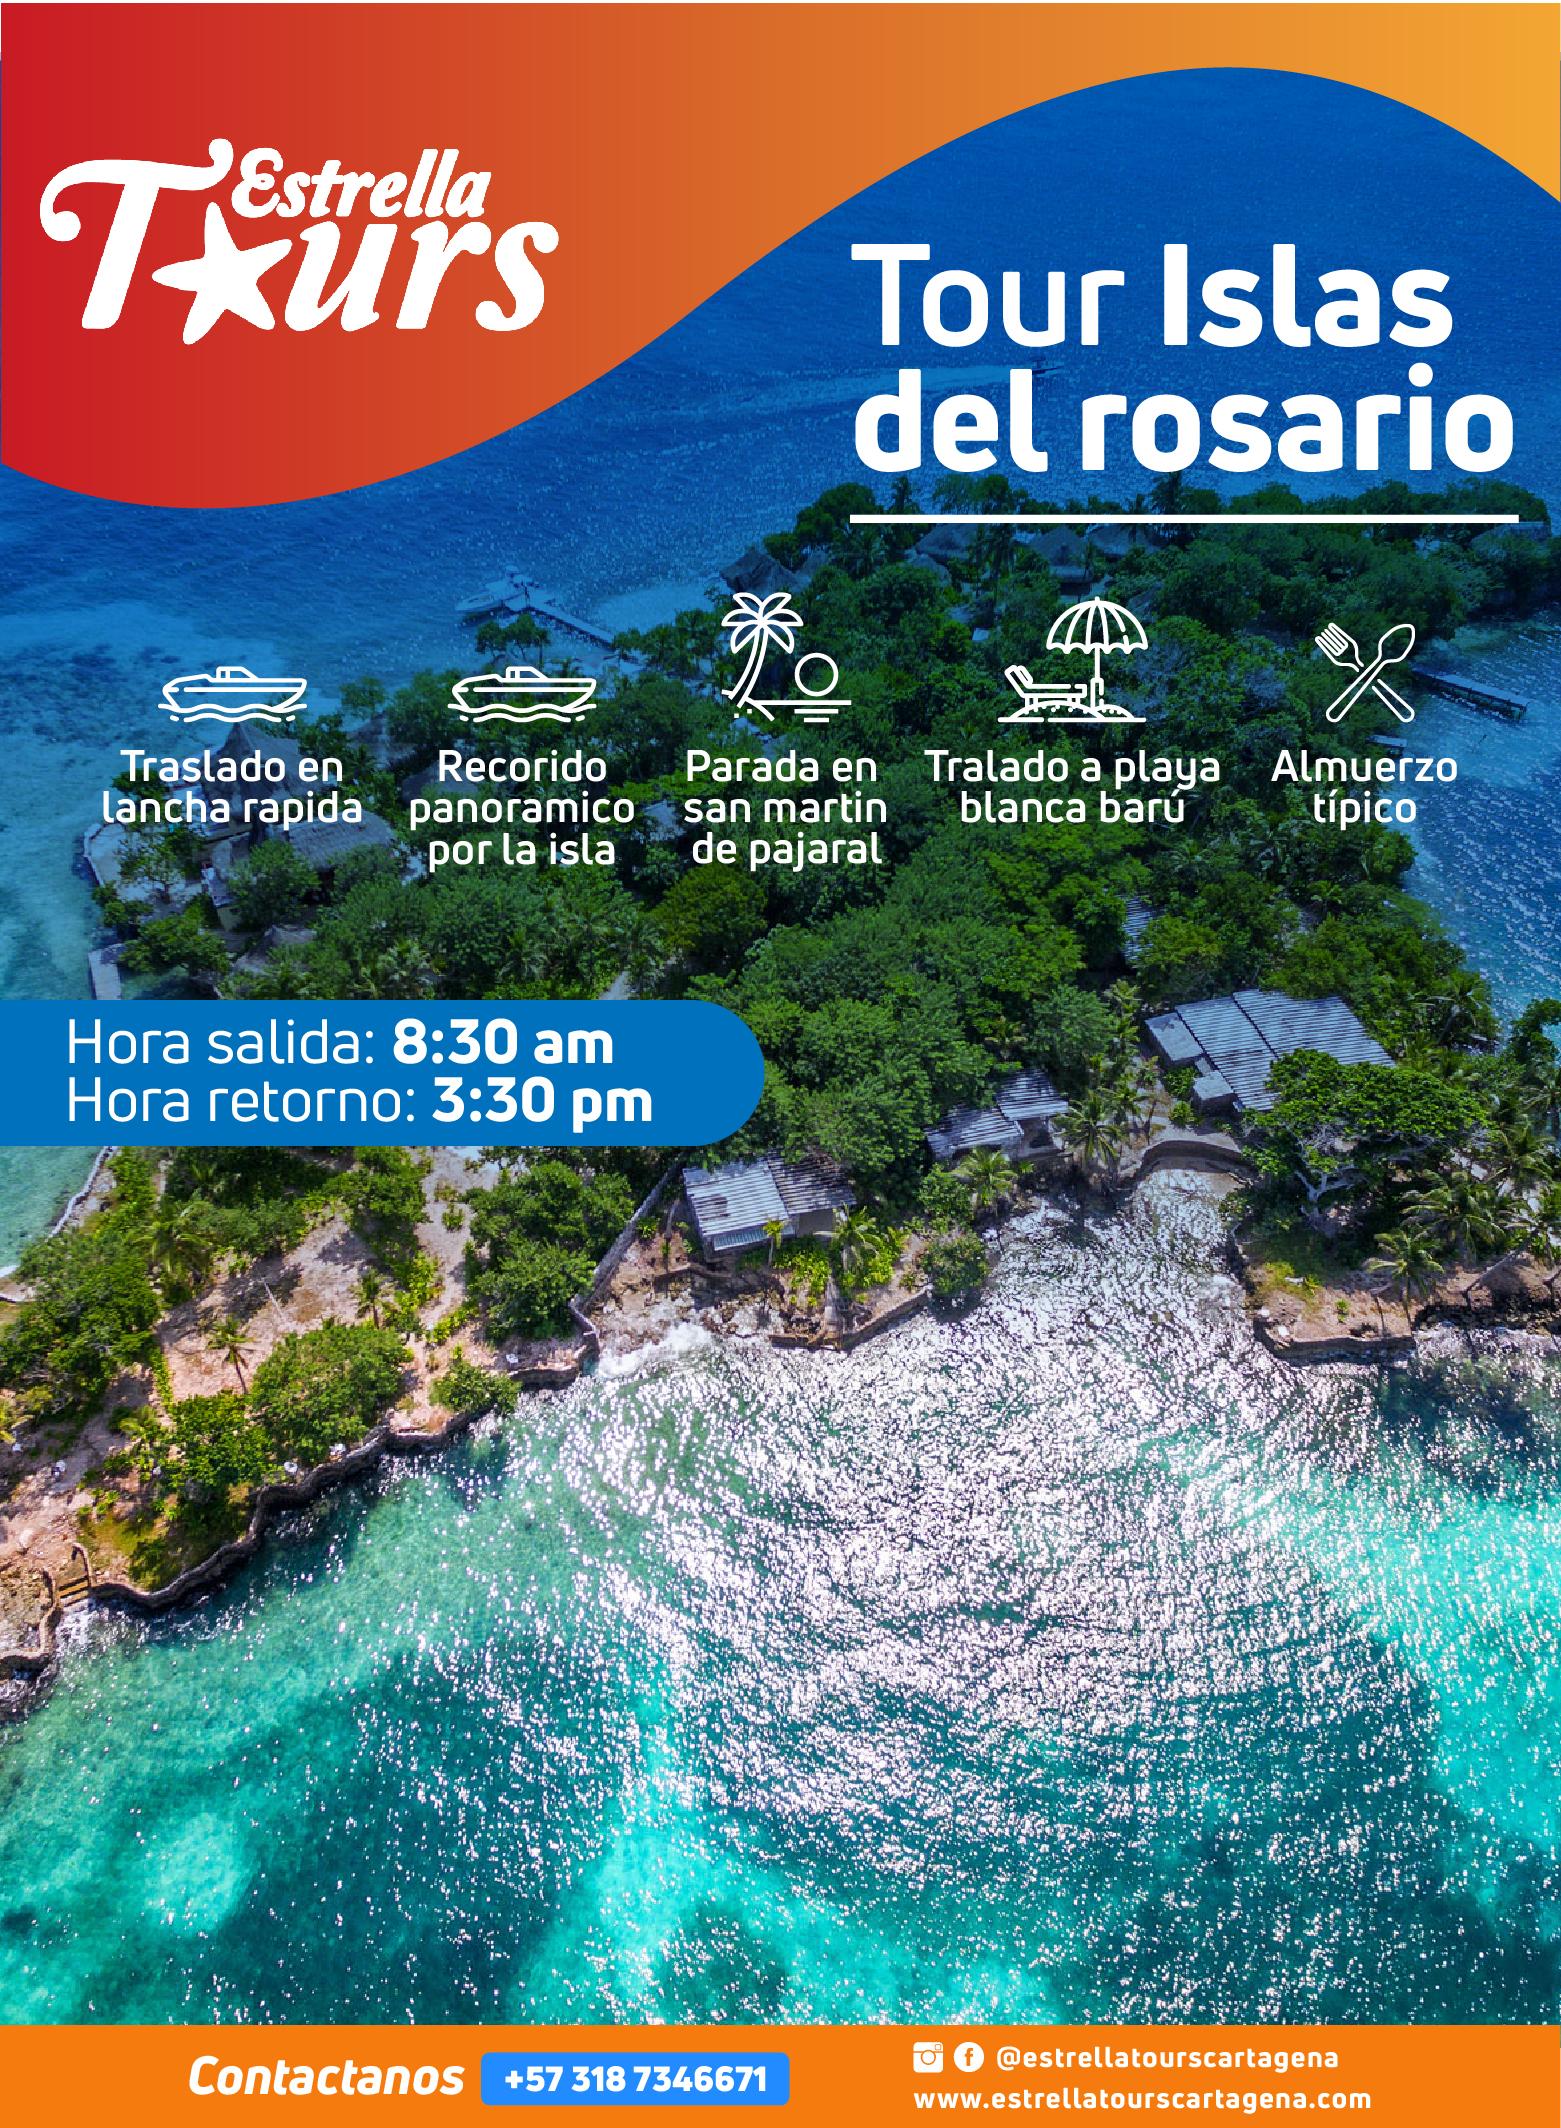 Tour_islas del rosario